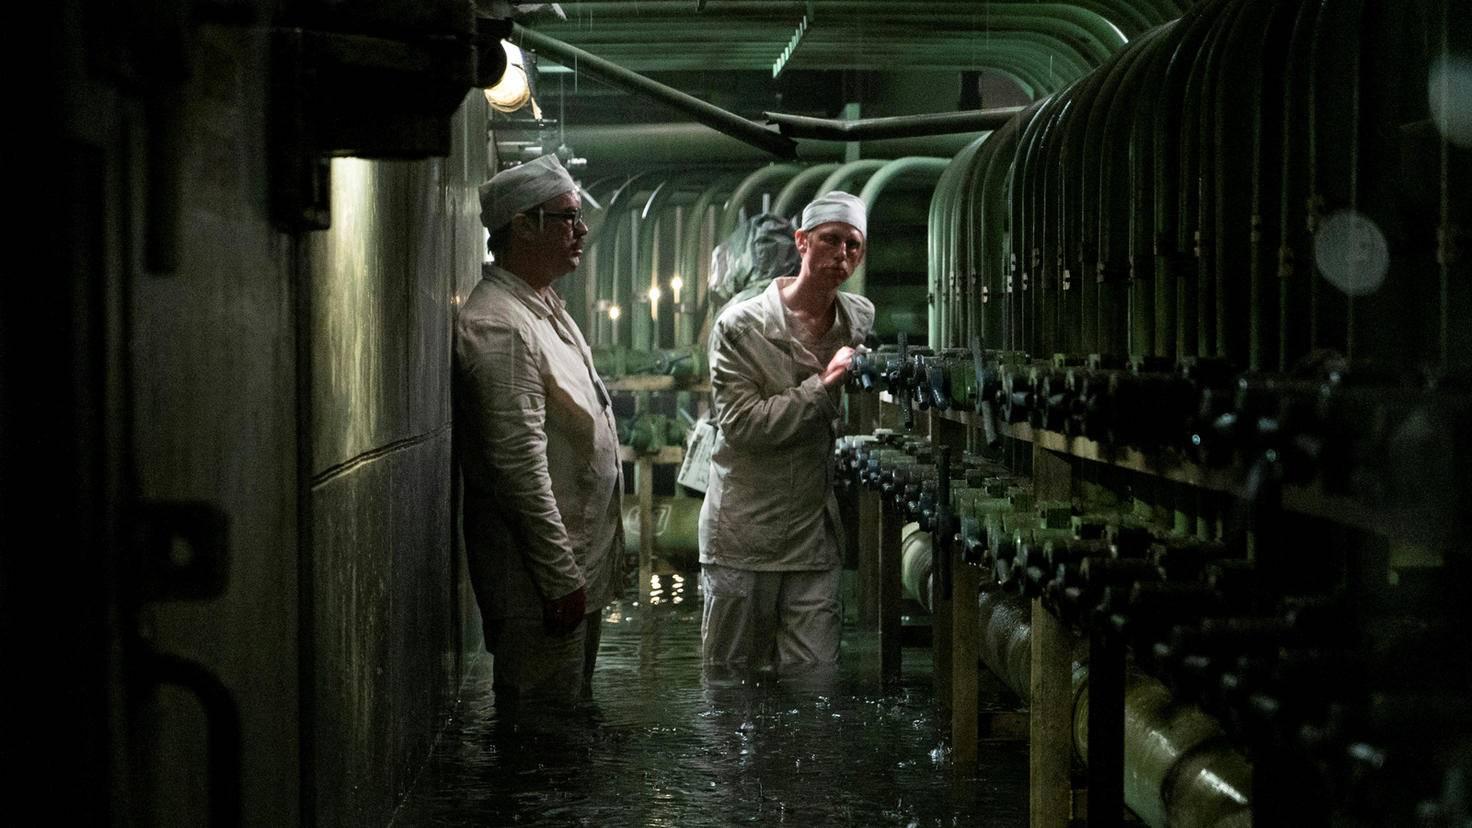 ... Mitarbeiter des Reaktors ...